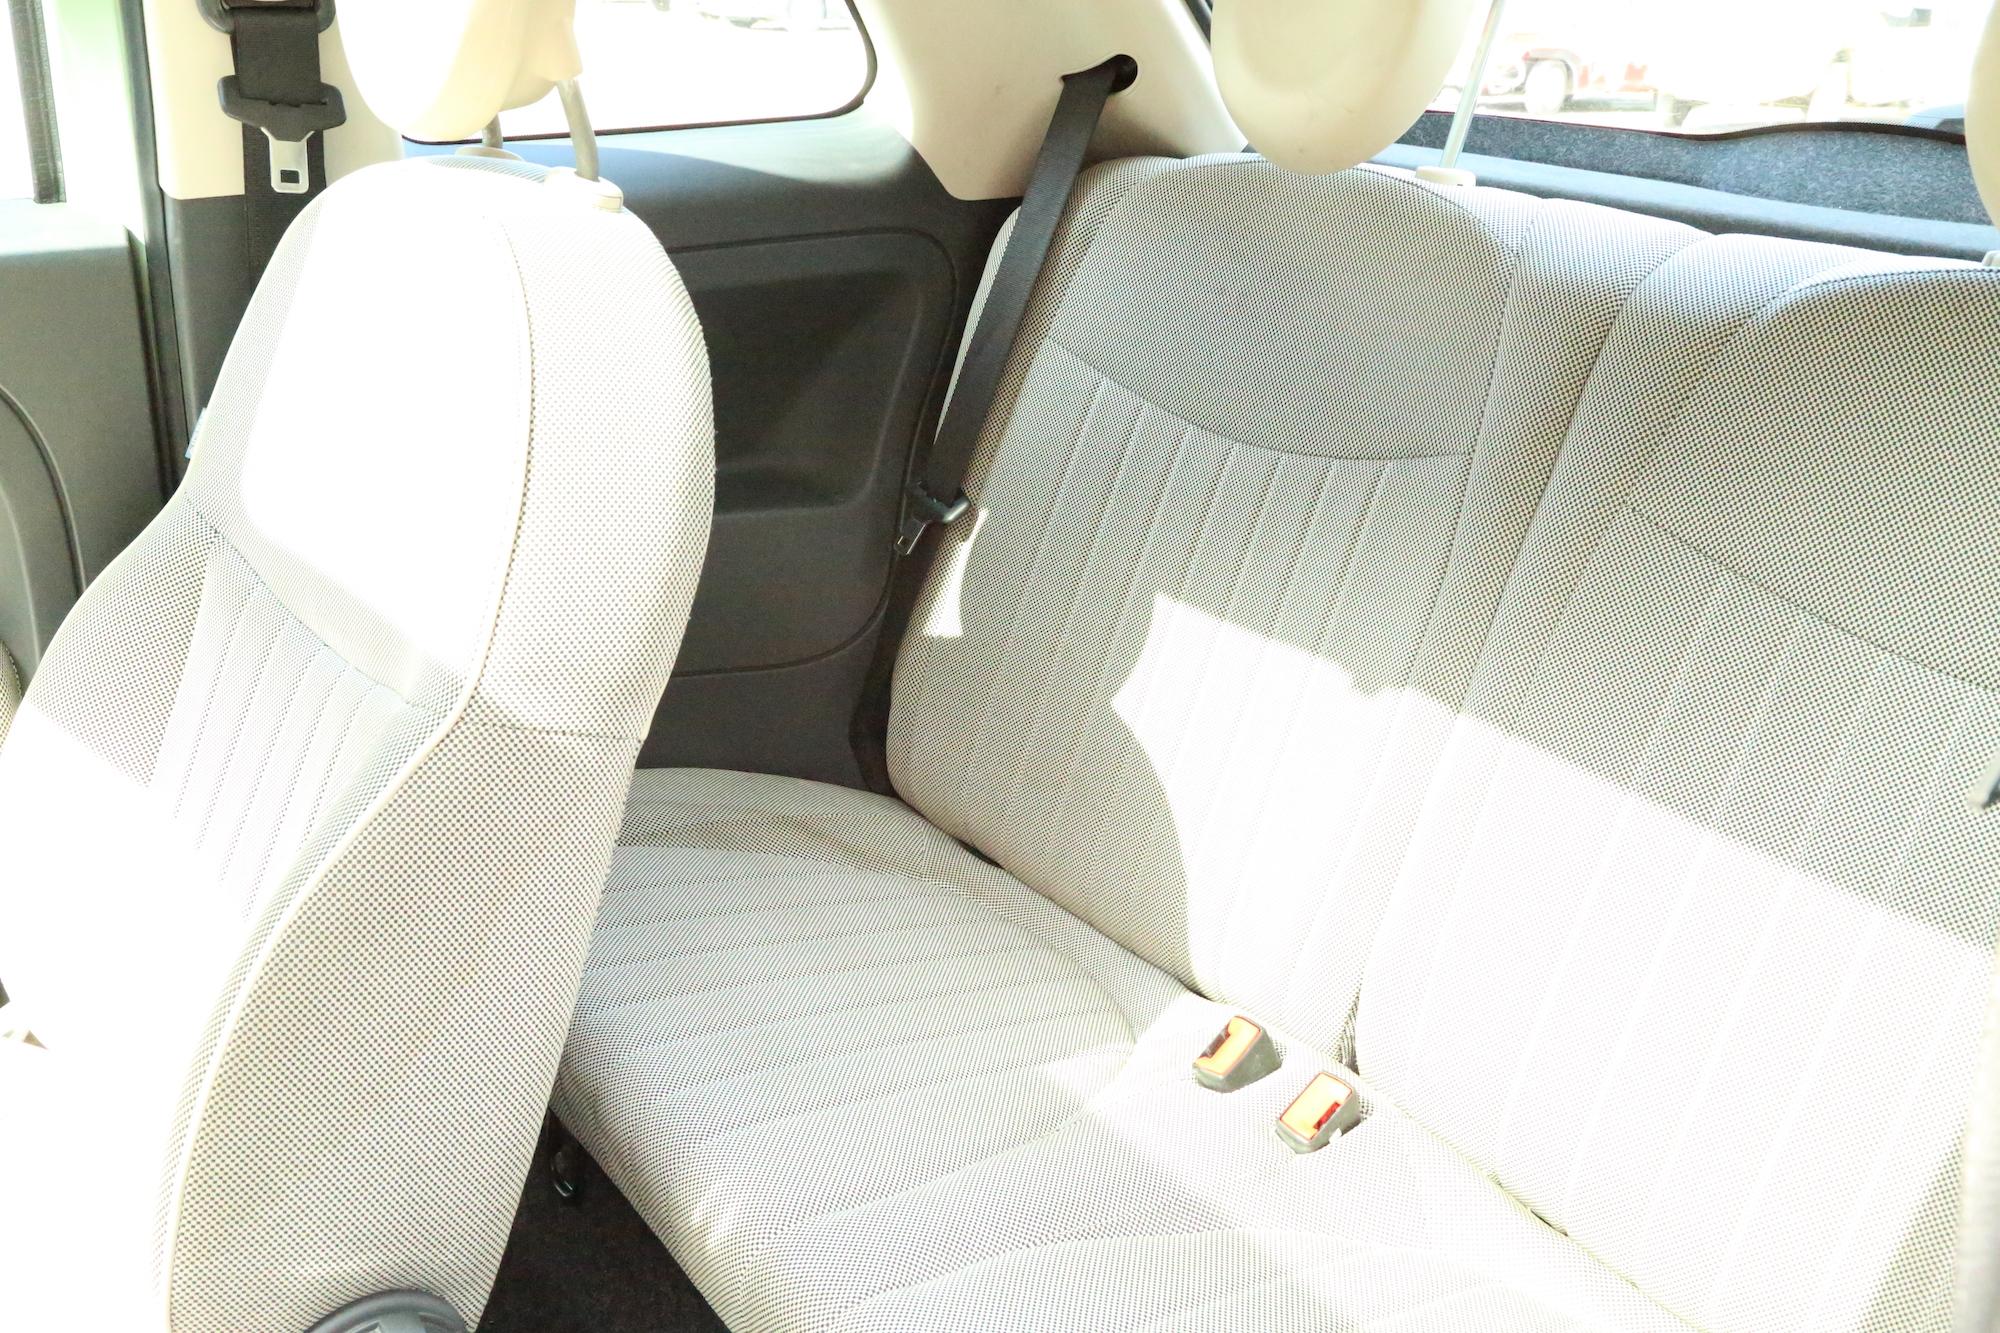 A vendre Fiat 500 1.2 Lounge de 2008 avec un CT ok et en très bel état !